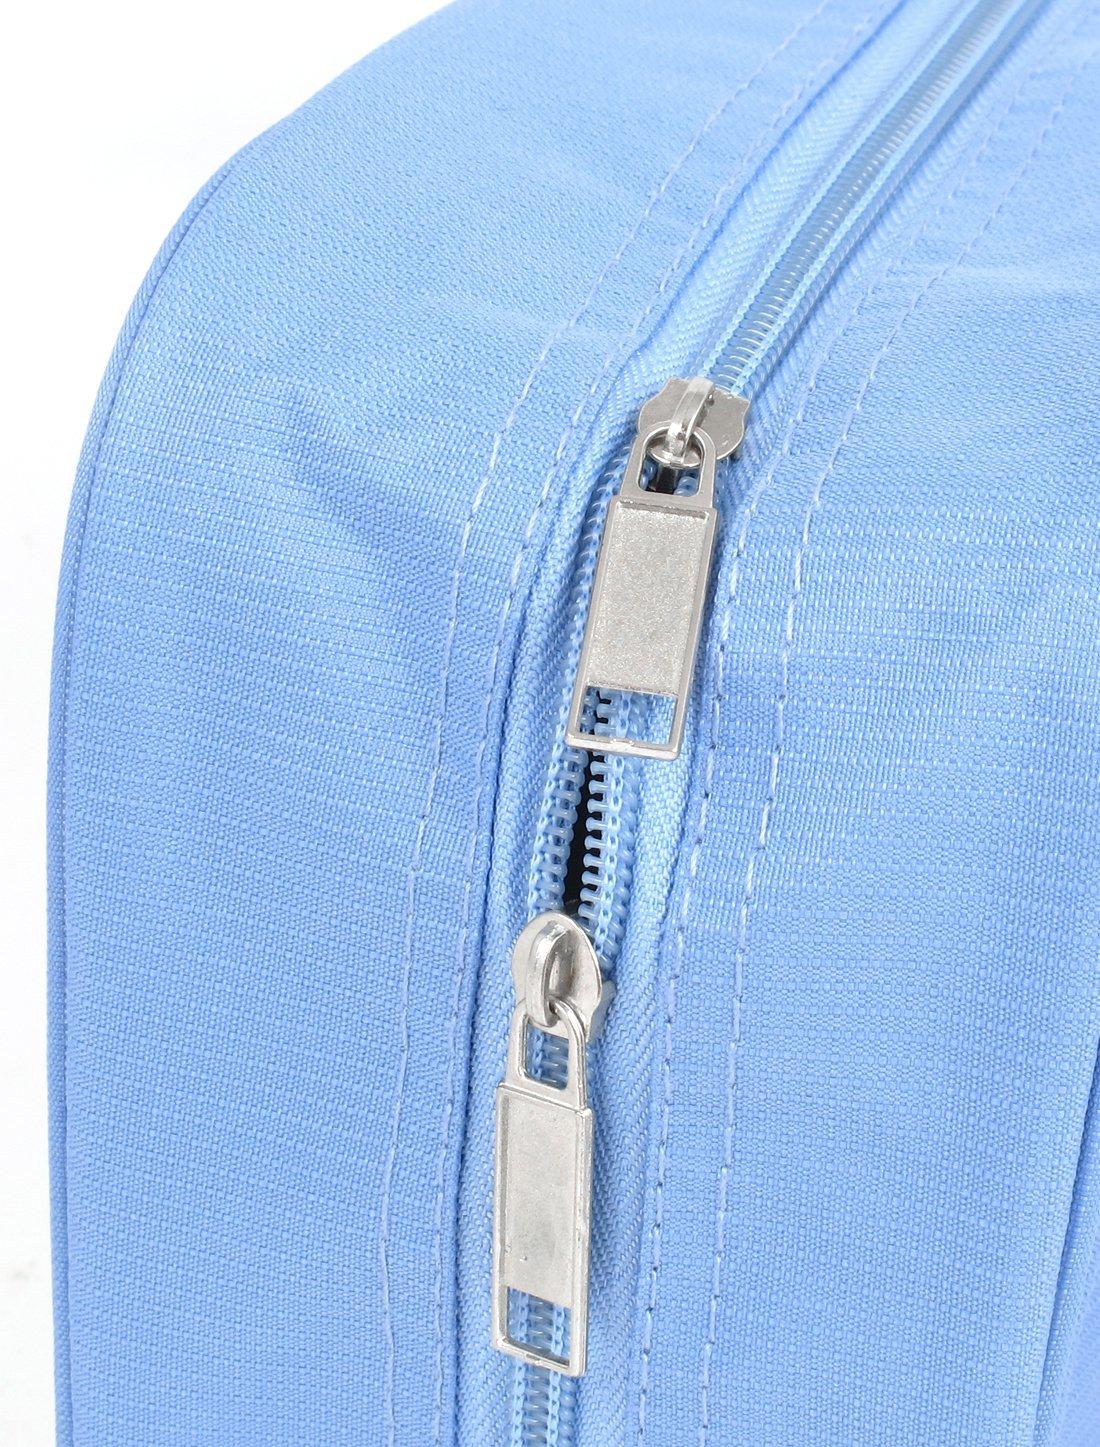 Amazon.com: Viajes de tocador Artículos de tocador de maquillaje bolso colgante plegable Wash Blue Sky: Health & Personal Care